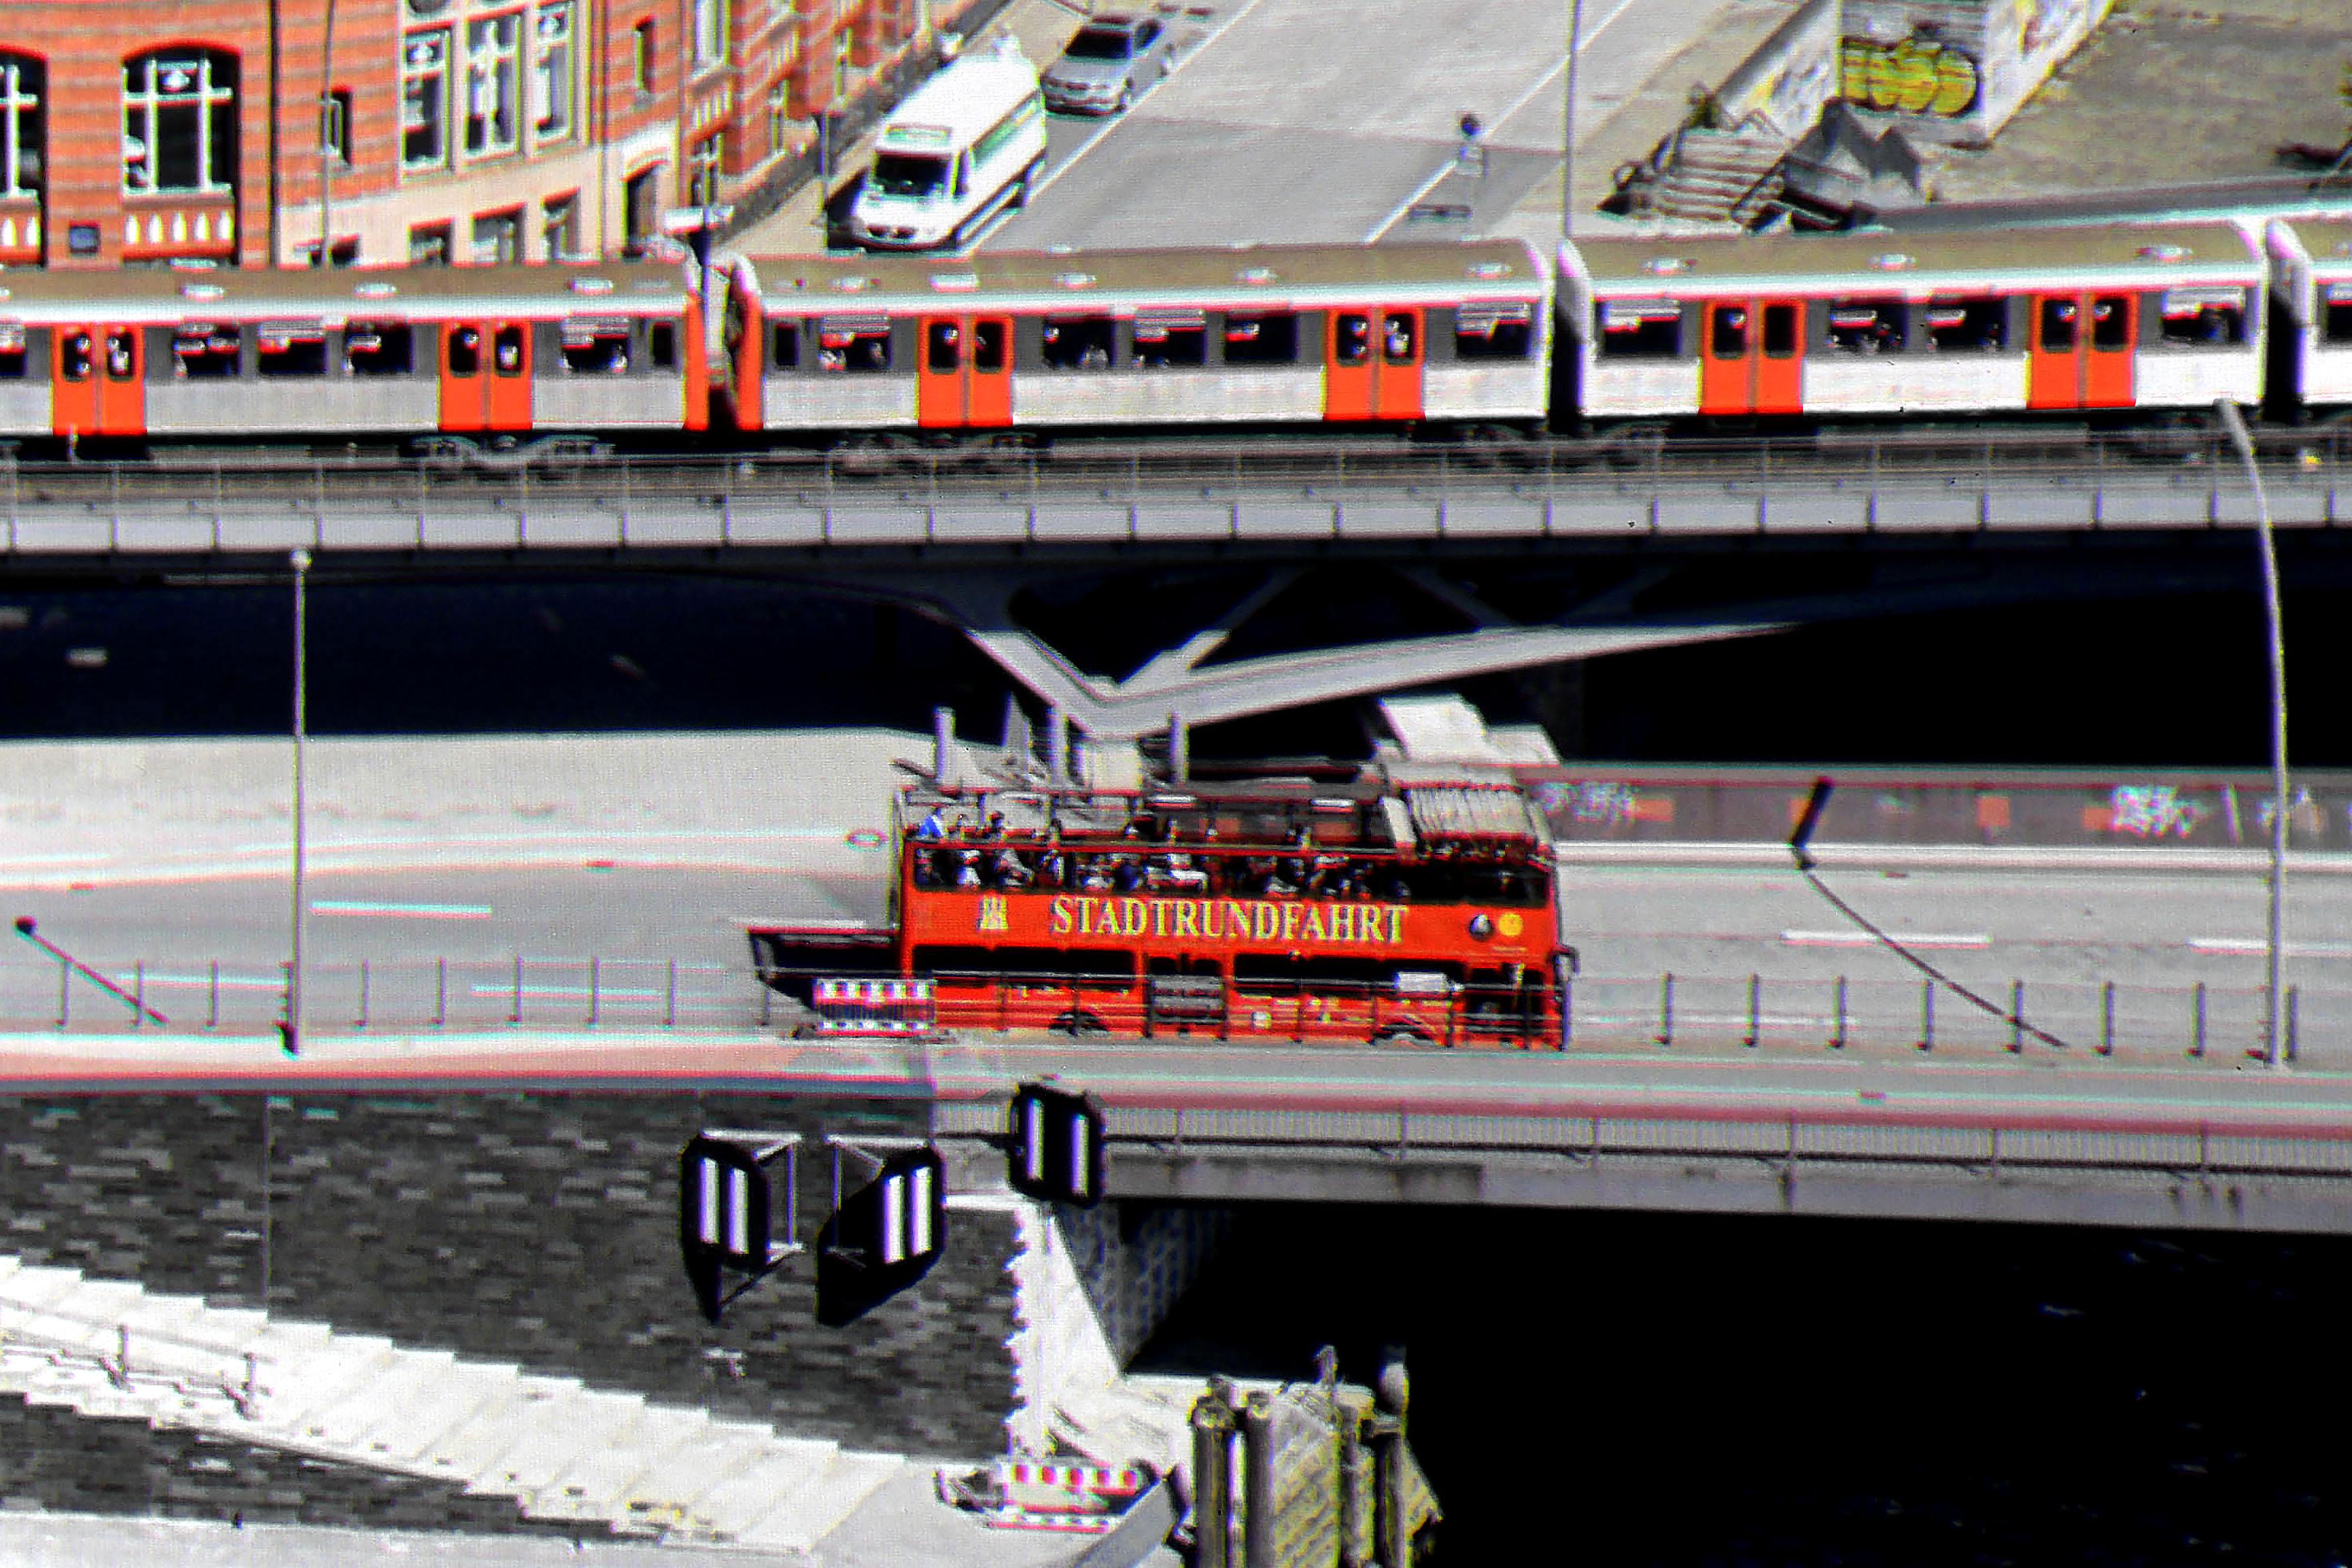 """JVC DLA-N7 Der Schriftzug """"Stadtrundfahrt"""" wird vollständig reproduziert. Das Hamburg Wappen links daneben ist ebenfalls vollständig. Überhaupt wirkt das Bild des DLA-N7 glasklar und noch etwas schärfer."""